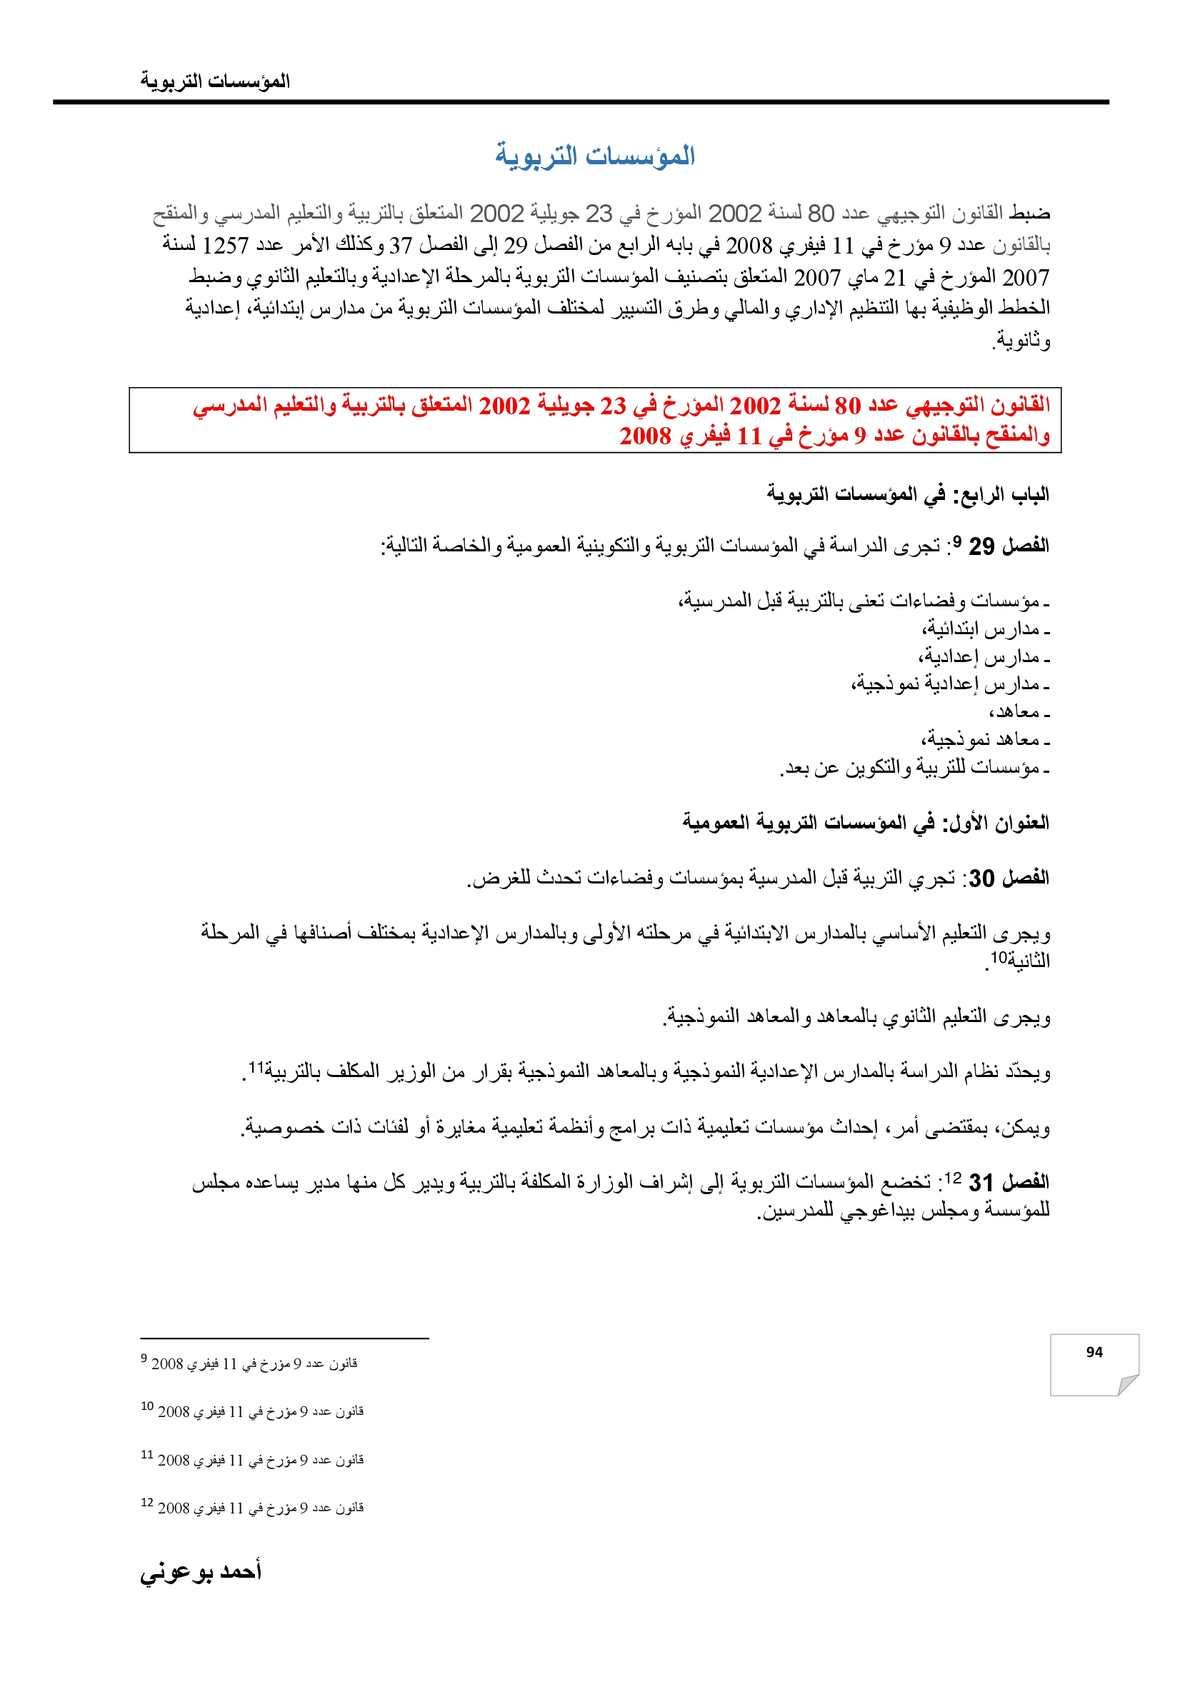 مؤسسات وزارة التربية التنظيم الإداري والمالي وطرق التسيير Calameo Downloader